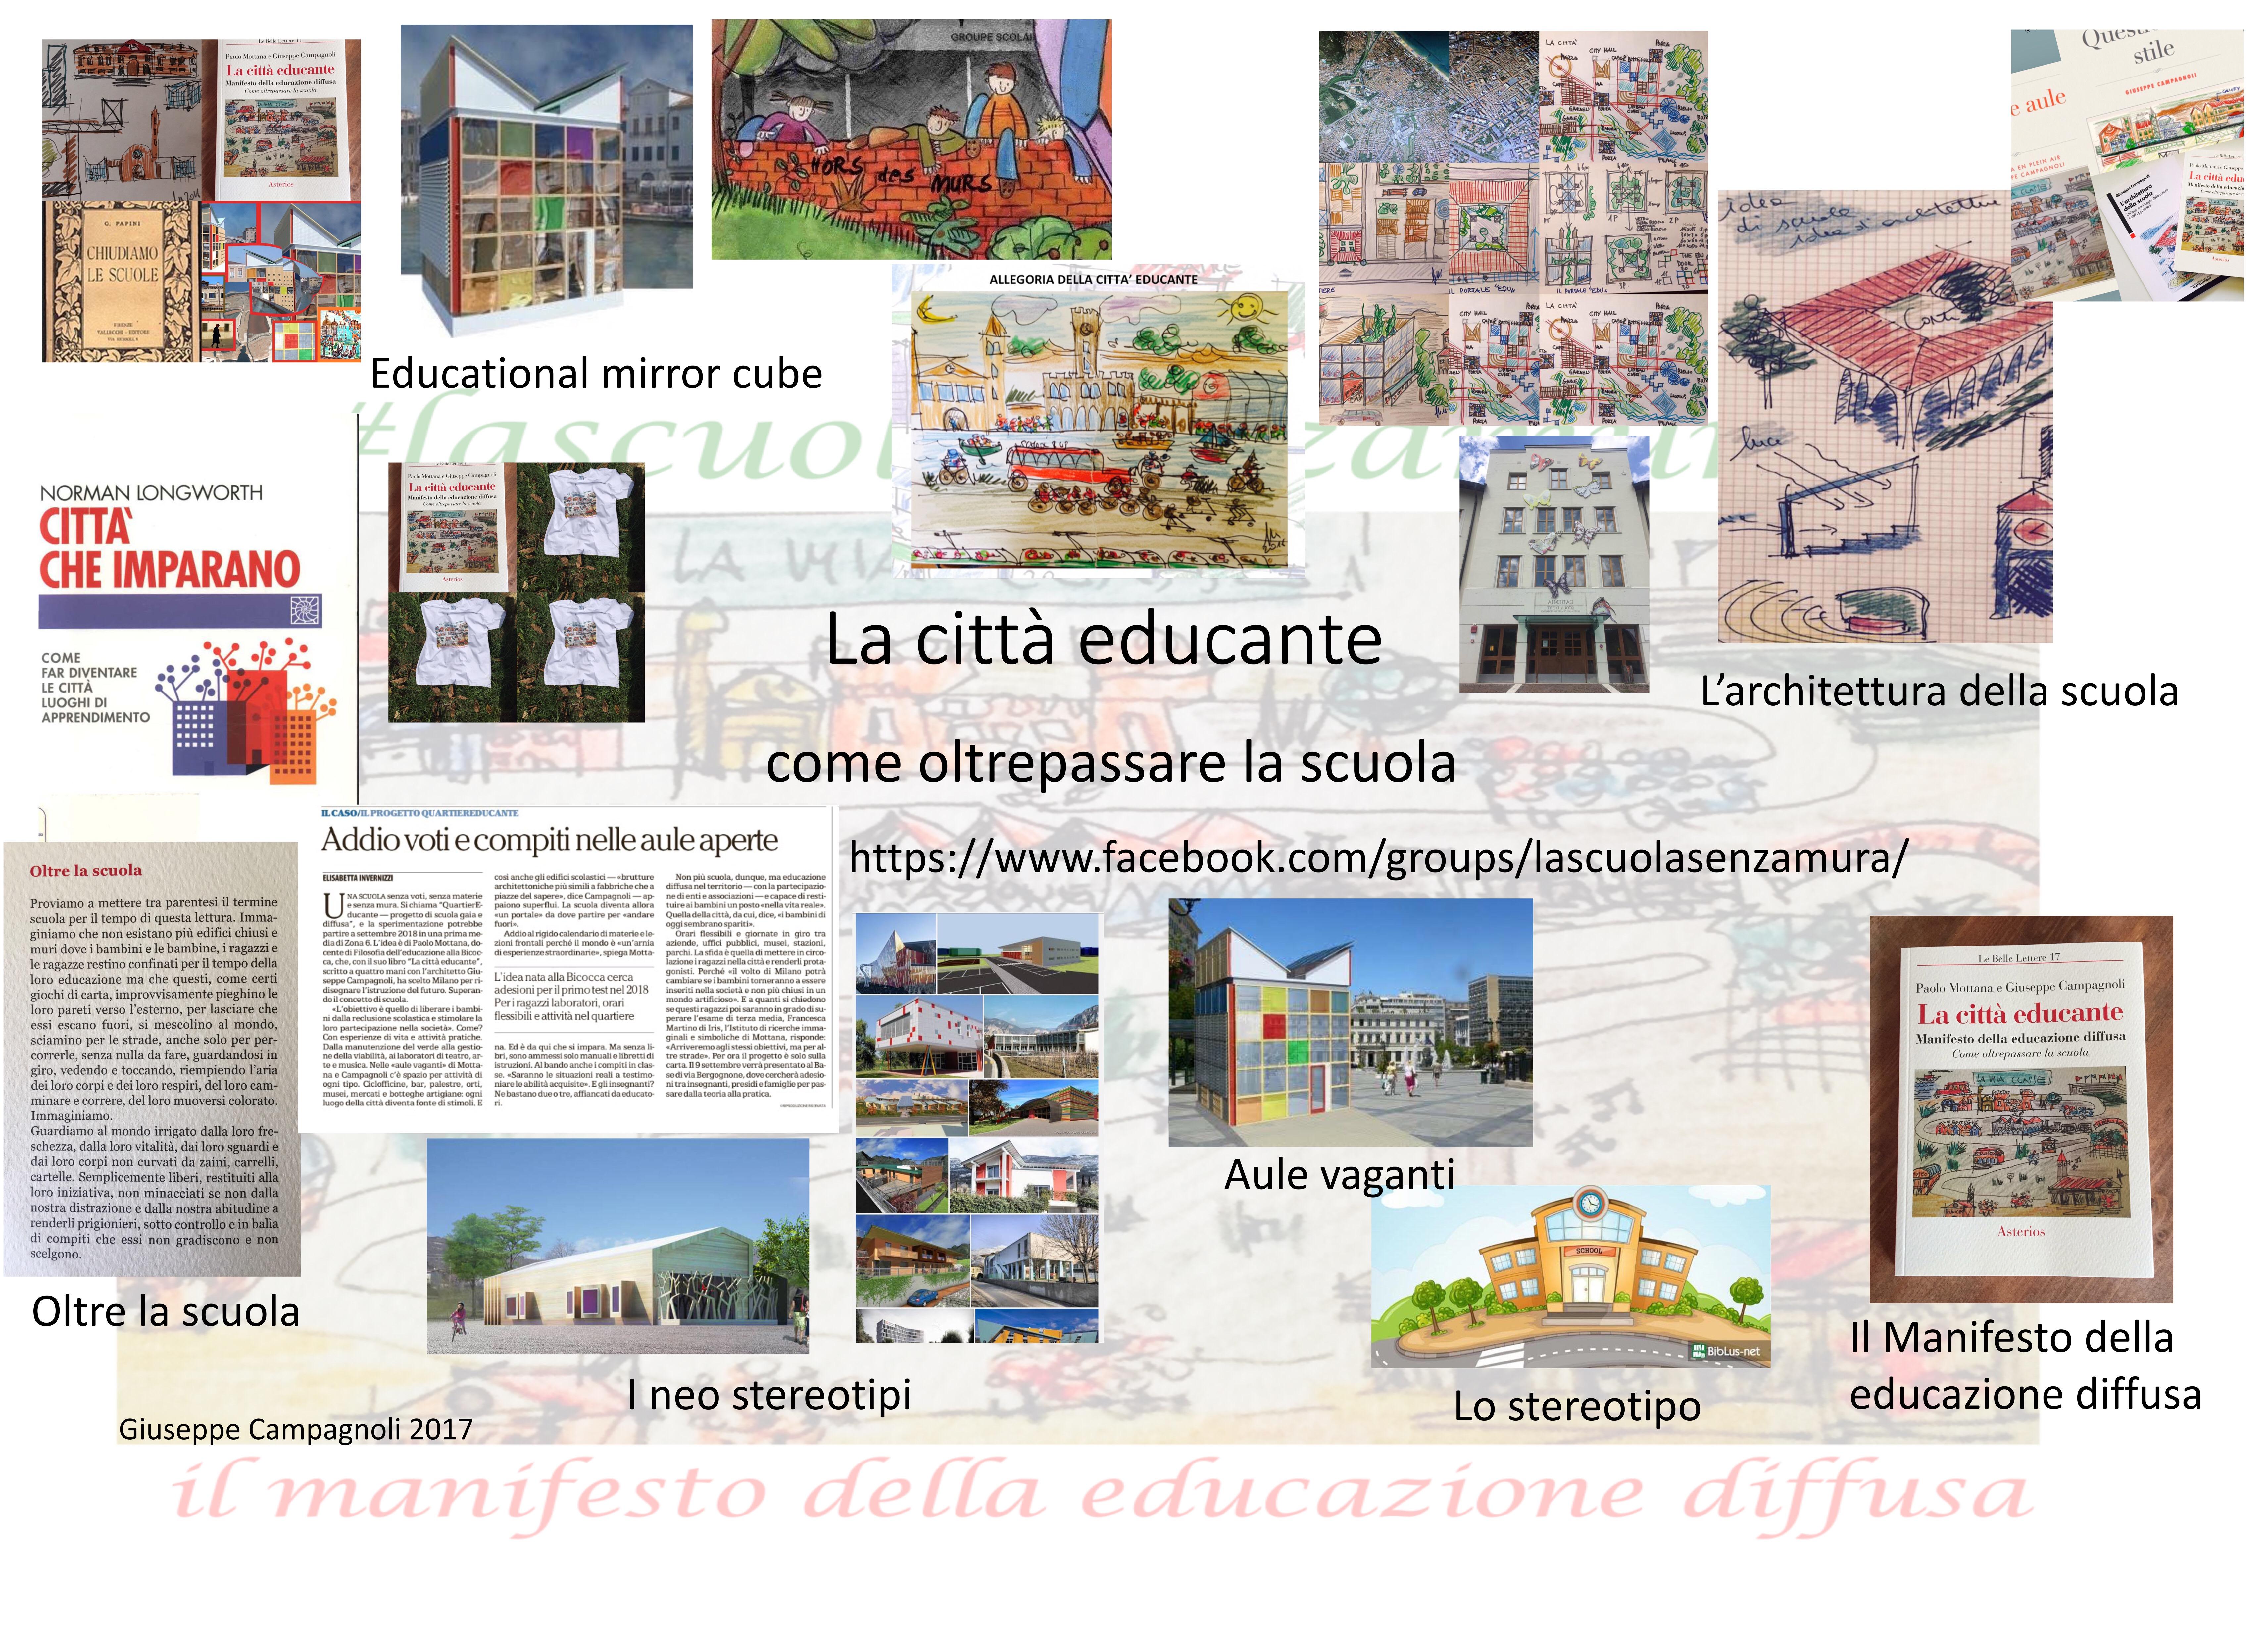 """Anteprima del """"Disegno della città educante"""". Appunti prima dell'uscita del libro tra architettura ed educazione."""